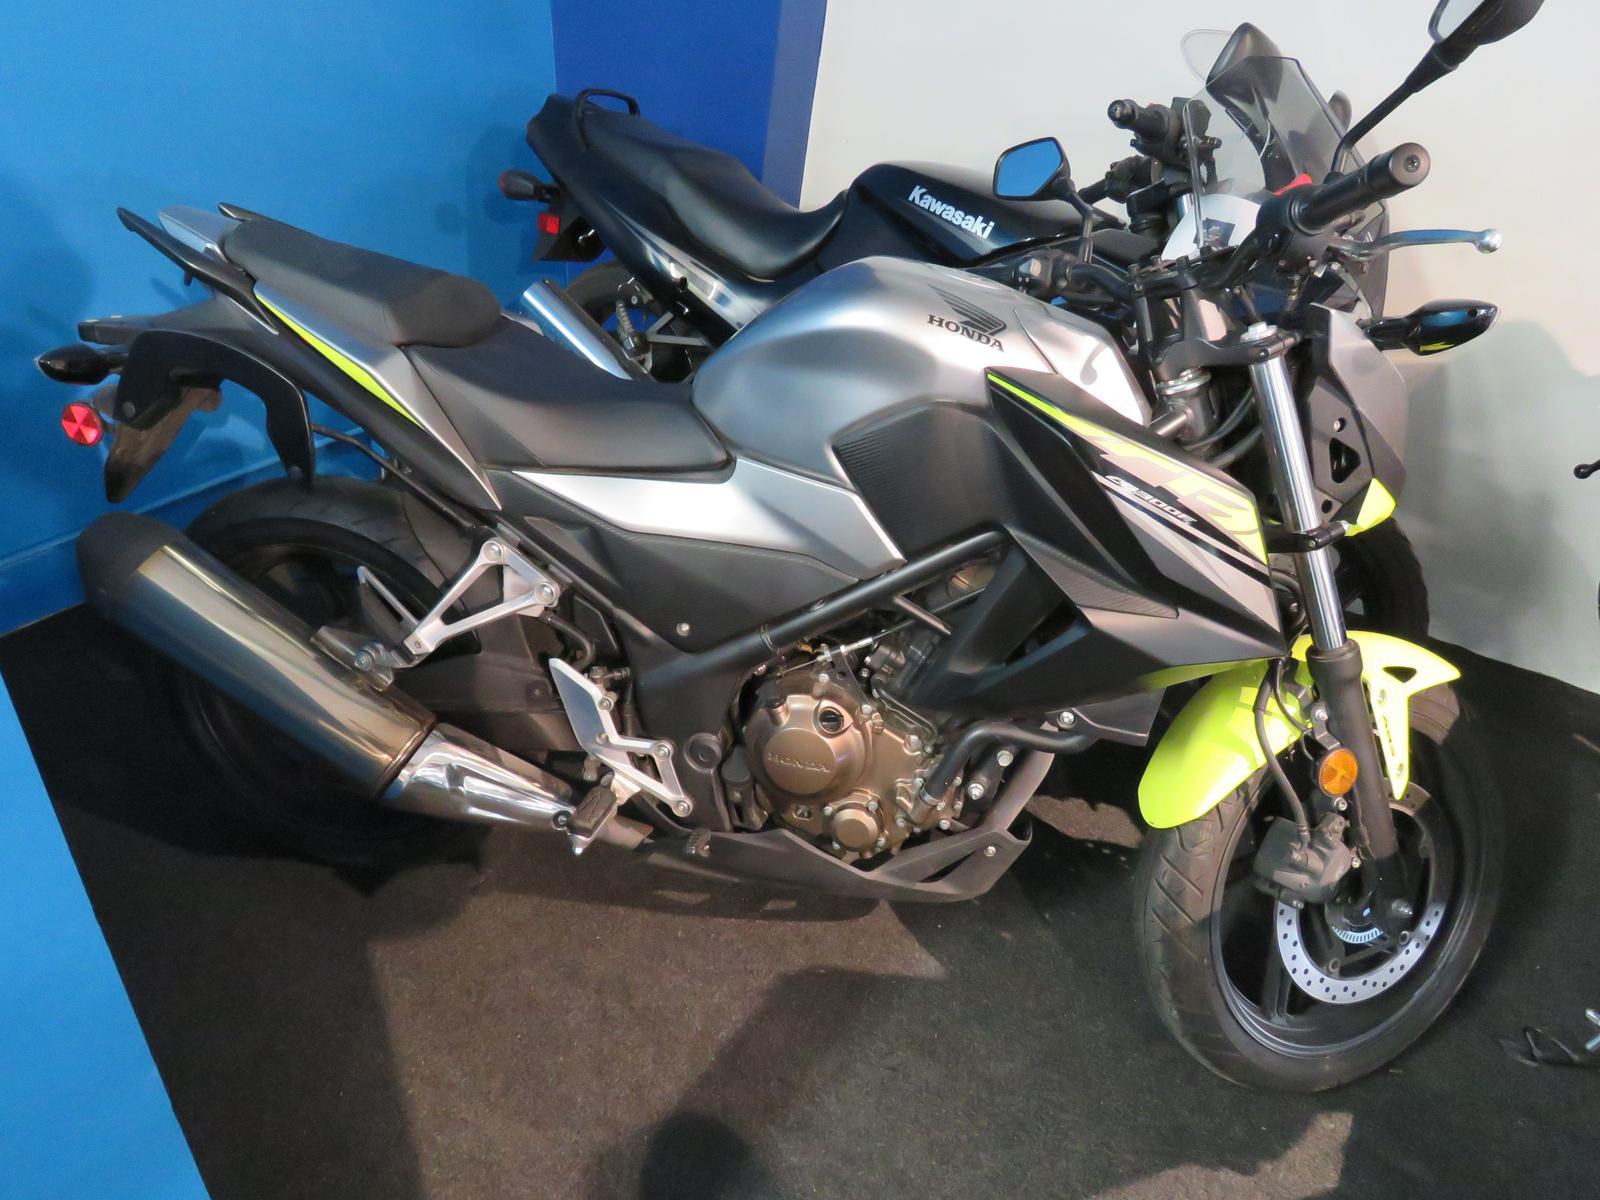 2017 Honda CB300FA Matte Silver for sale in Iowa City IA